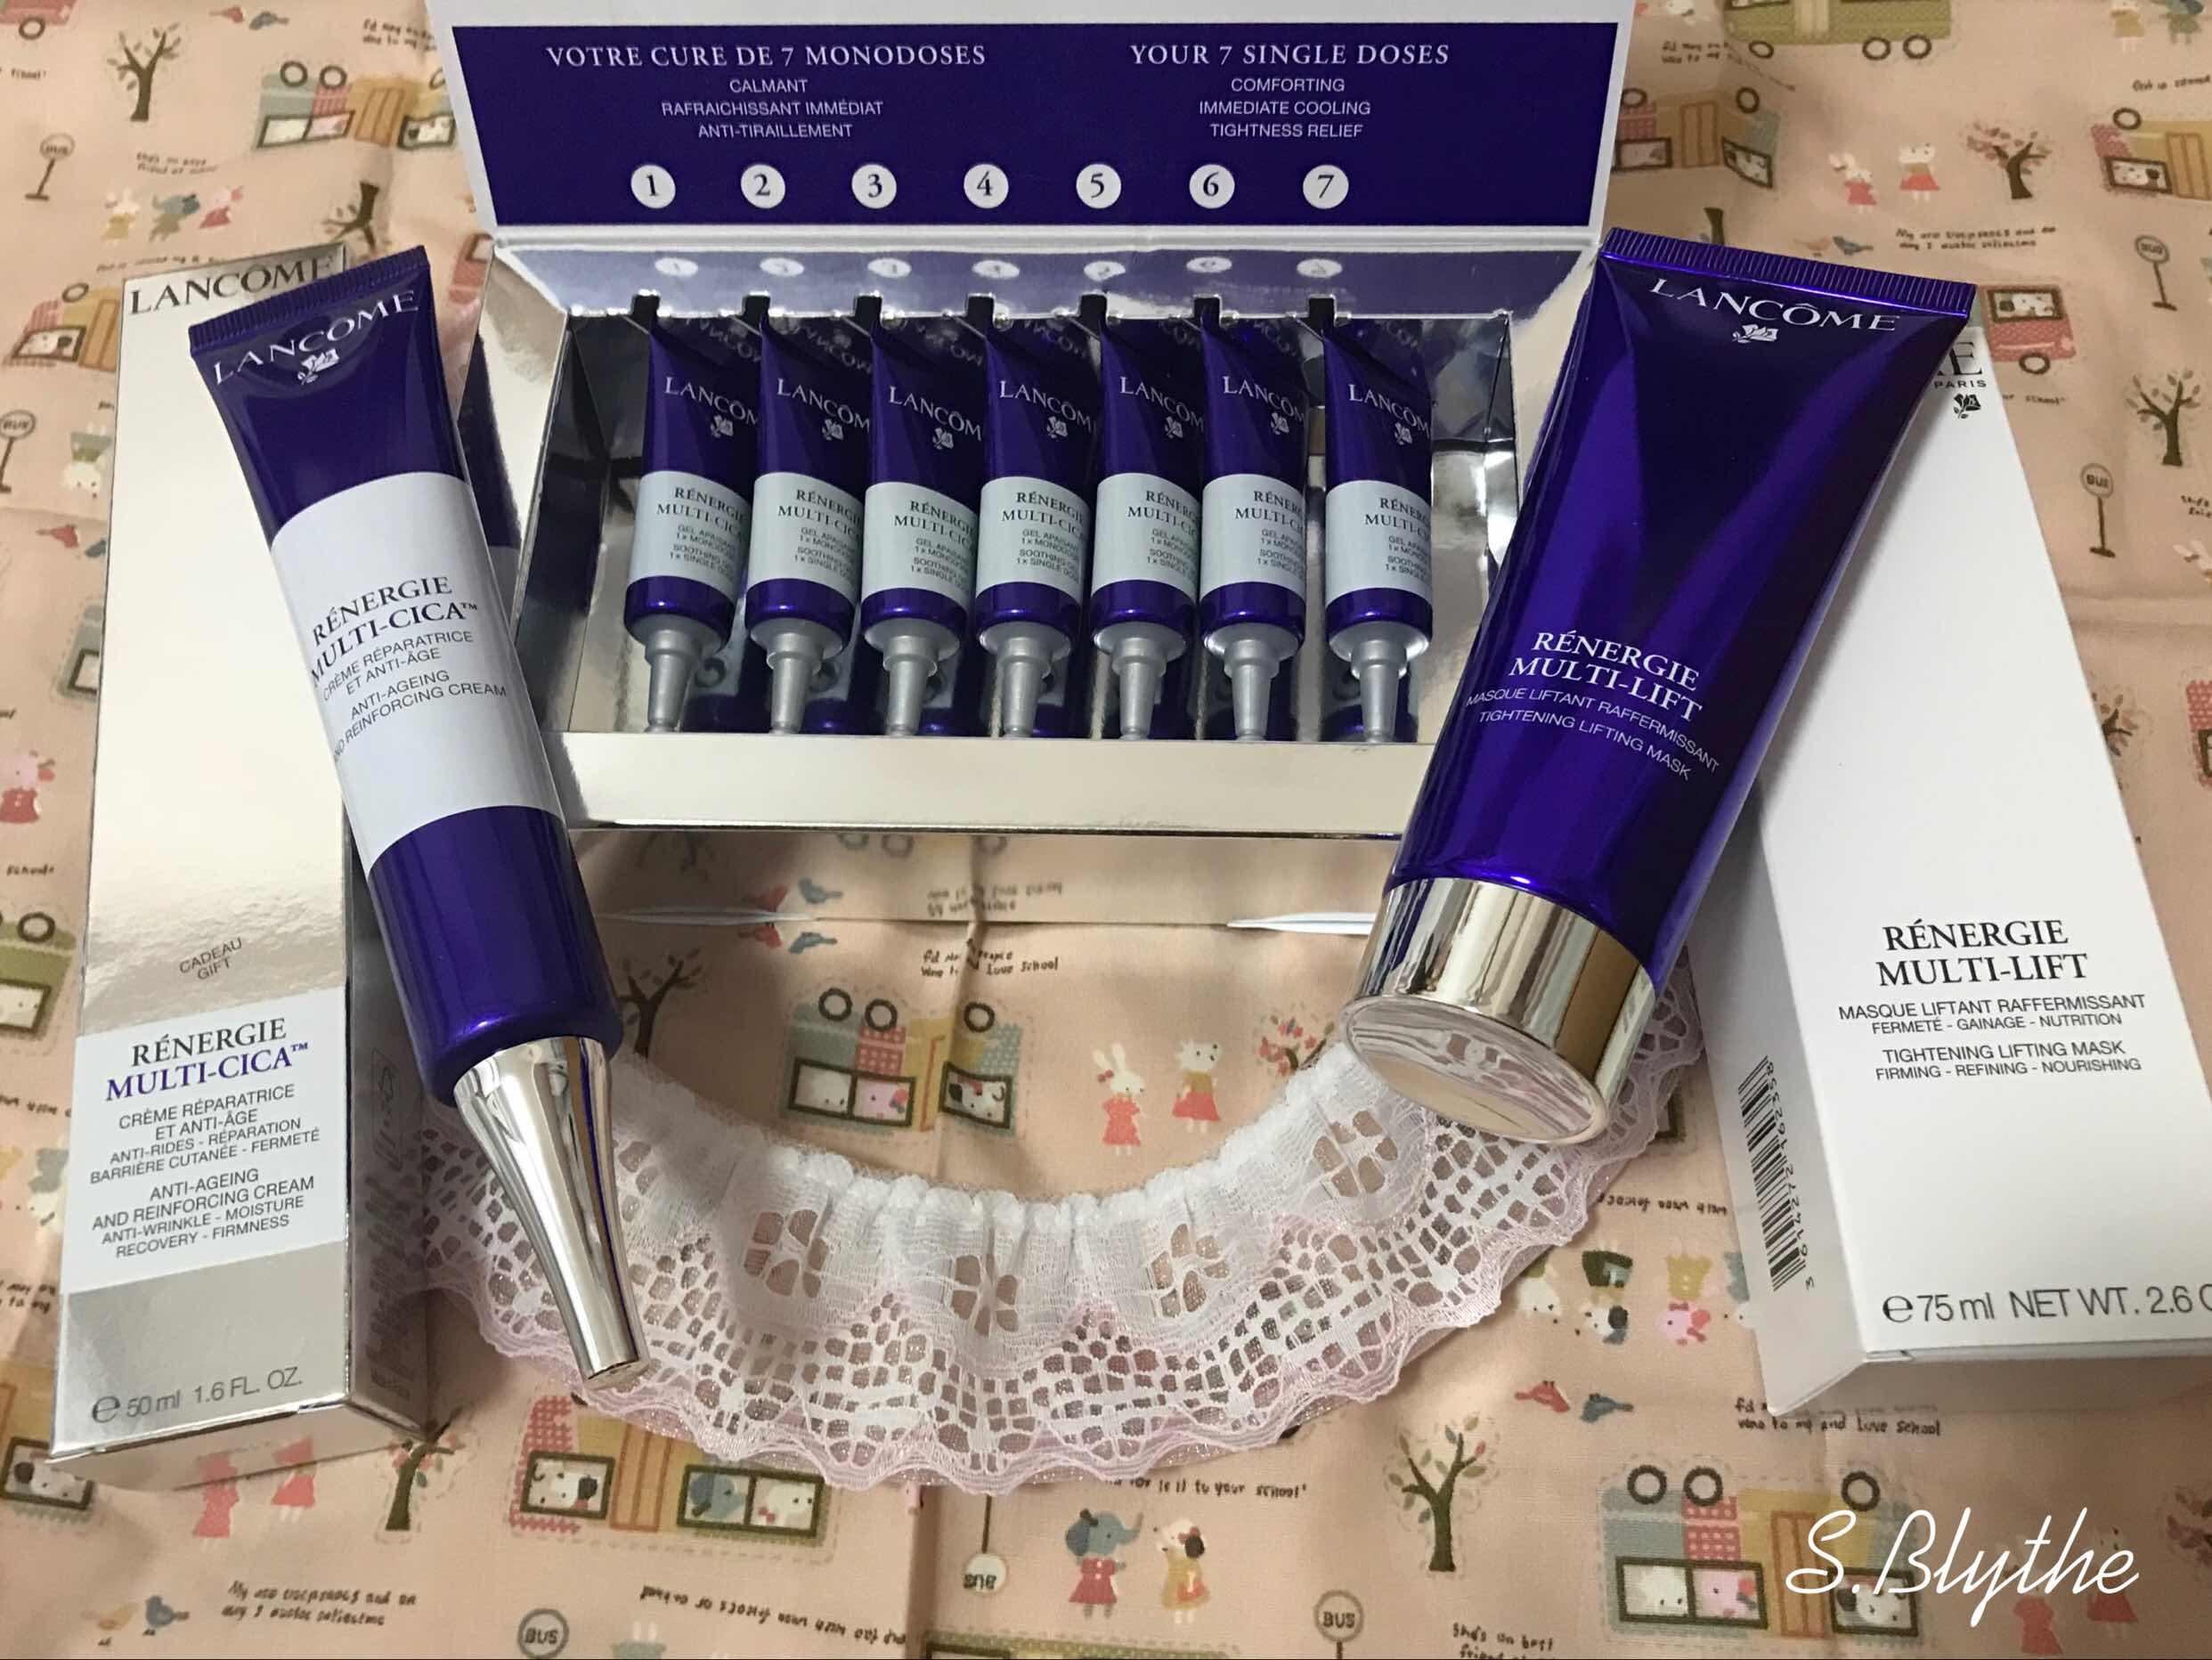 Lancôme Rénergie 3款立體塑顏緊緻系列新產品在香港率先有售